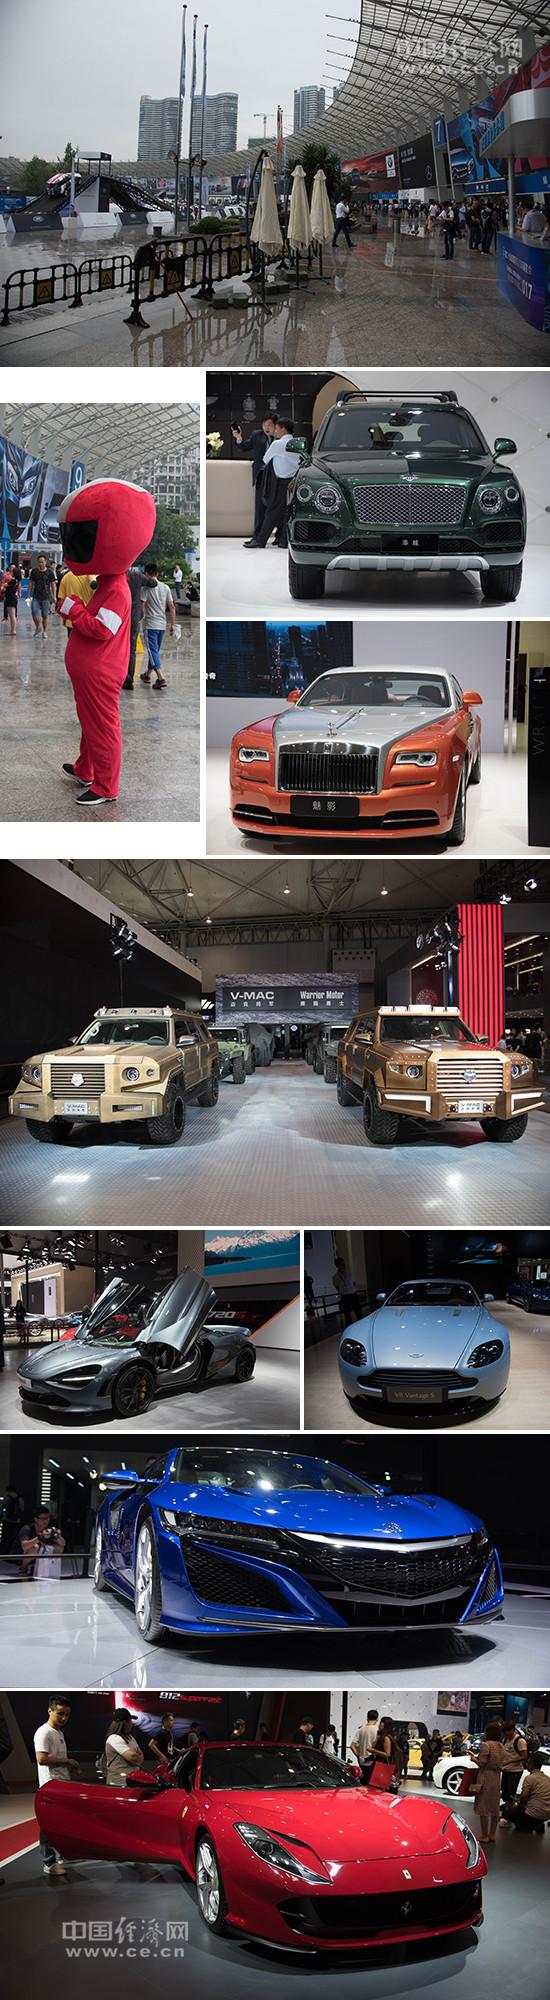 我眼中的成都车展:精彩、务实的汽车大卖场